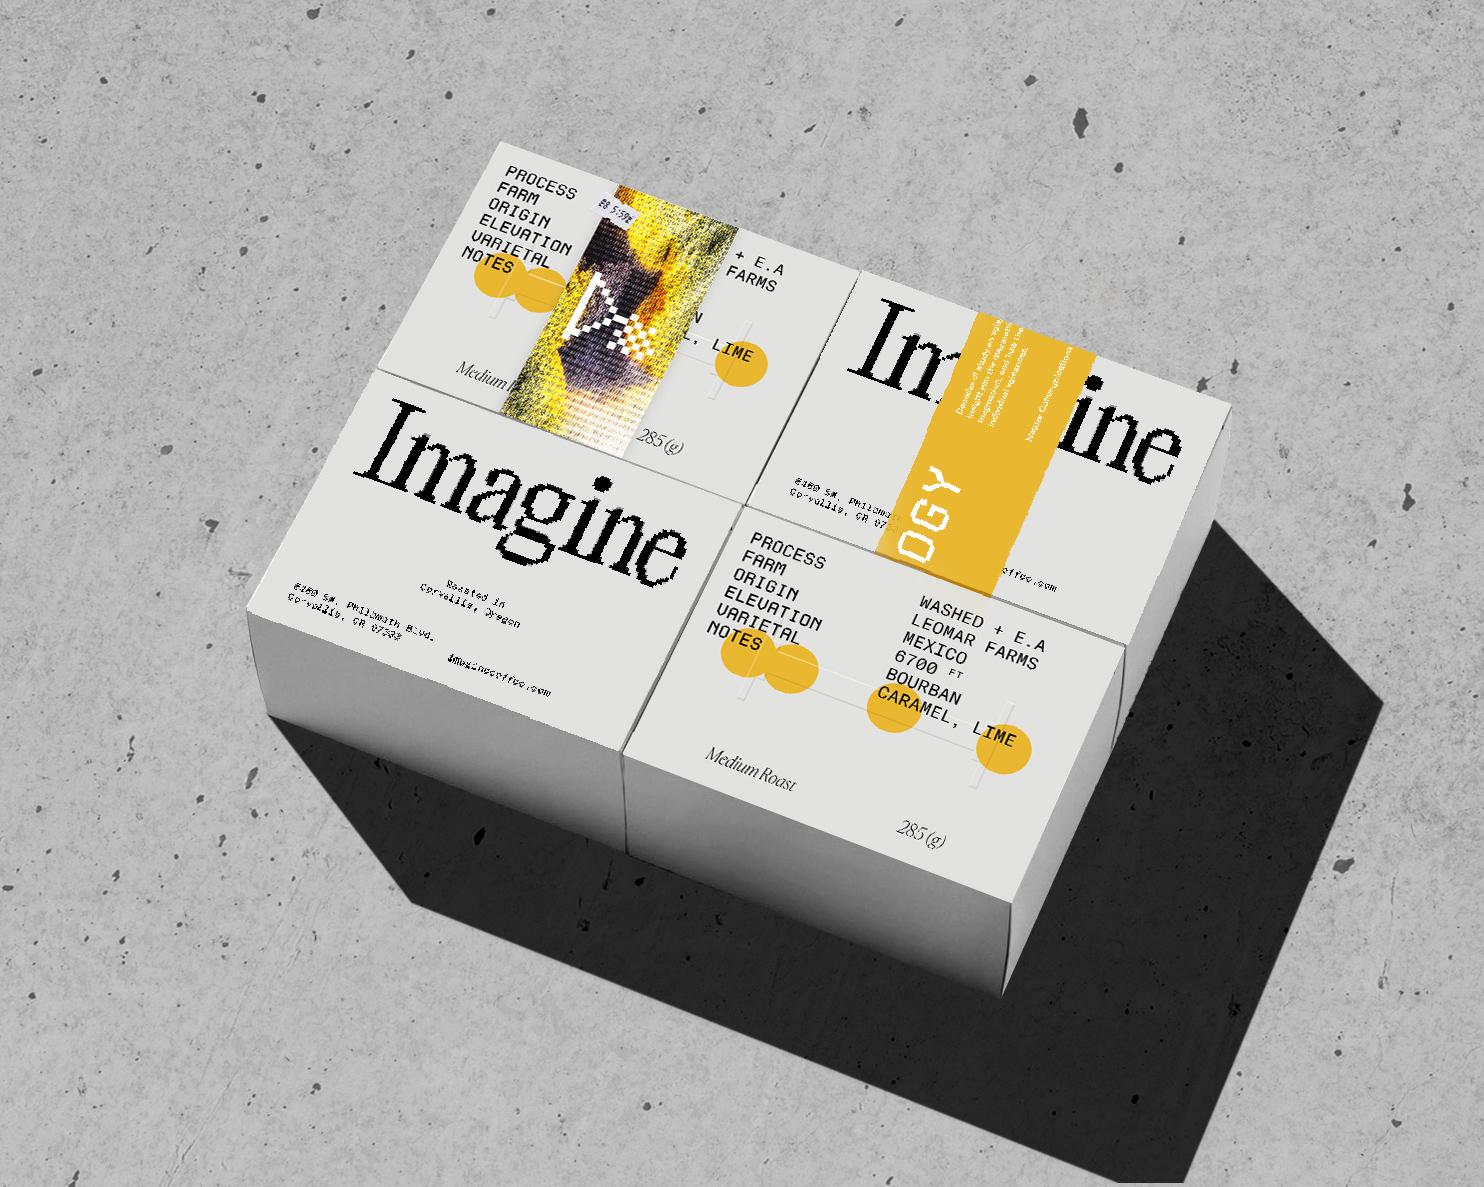 3_imagine_box_y_final_all_2